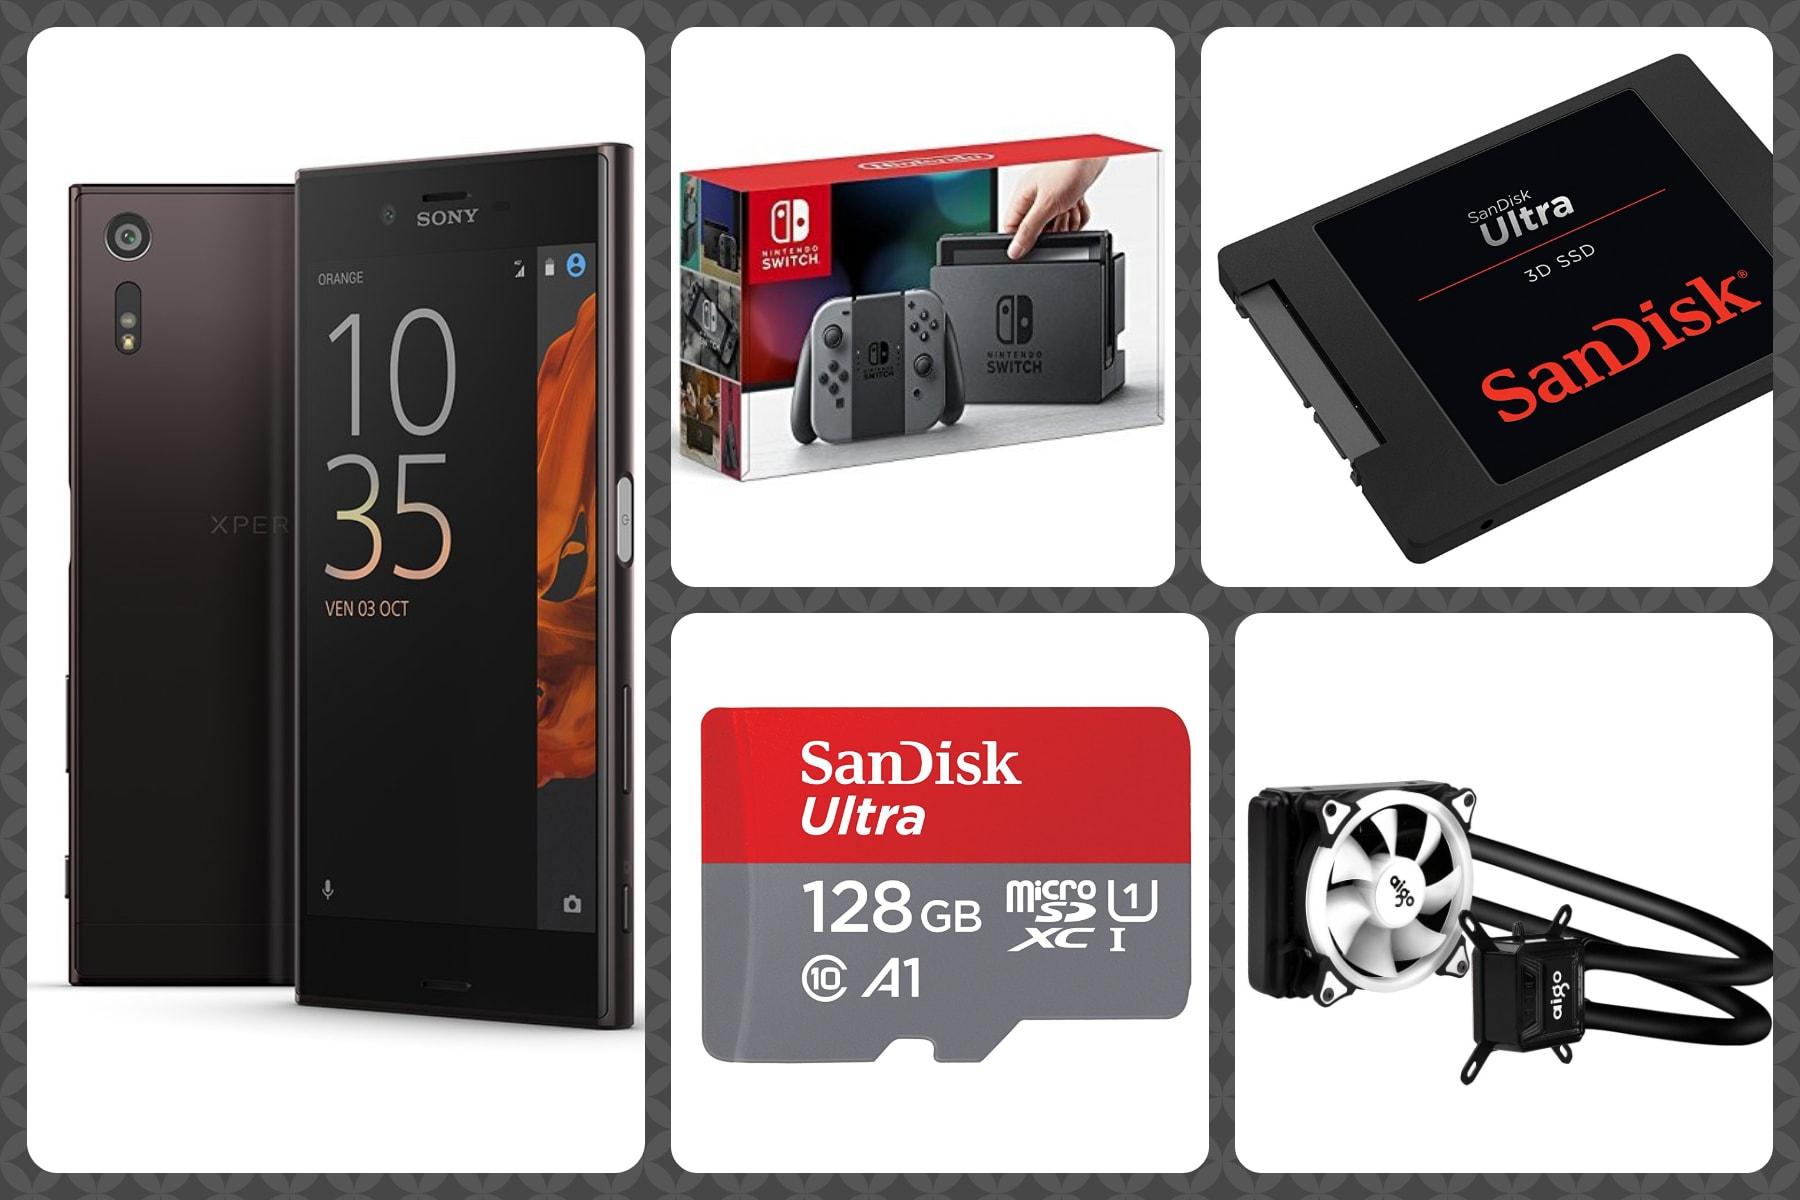 Huawei Mate 10 Pro a meno di 680€, mouse gaming, cinafonini e cuffie in offerta su Amazon! - image migliori-offerte-amazon-11-gennaio-2018 on http://www.zxbyte.com